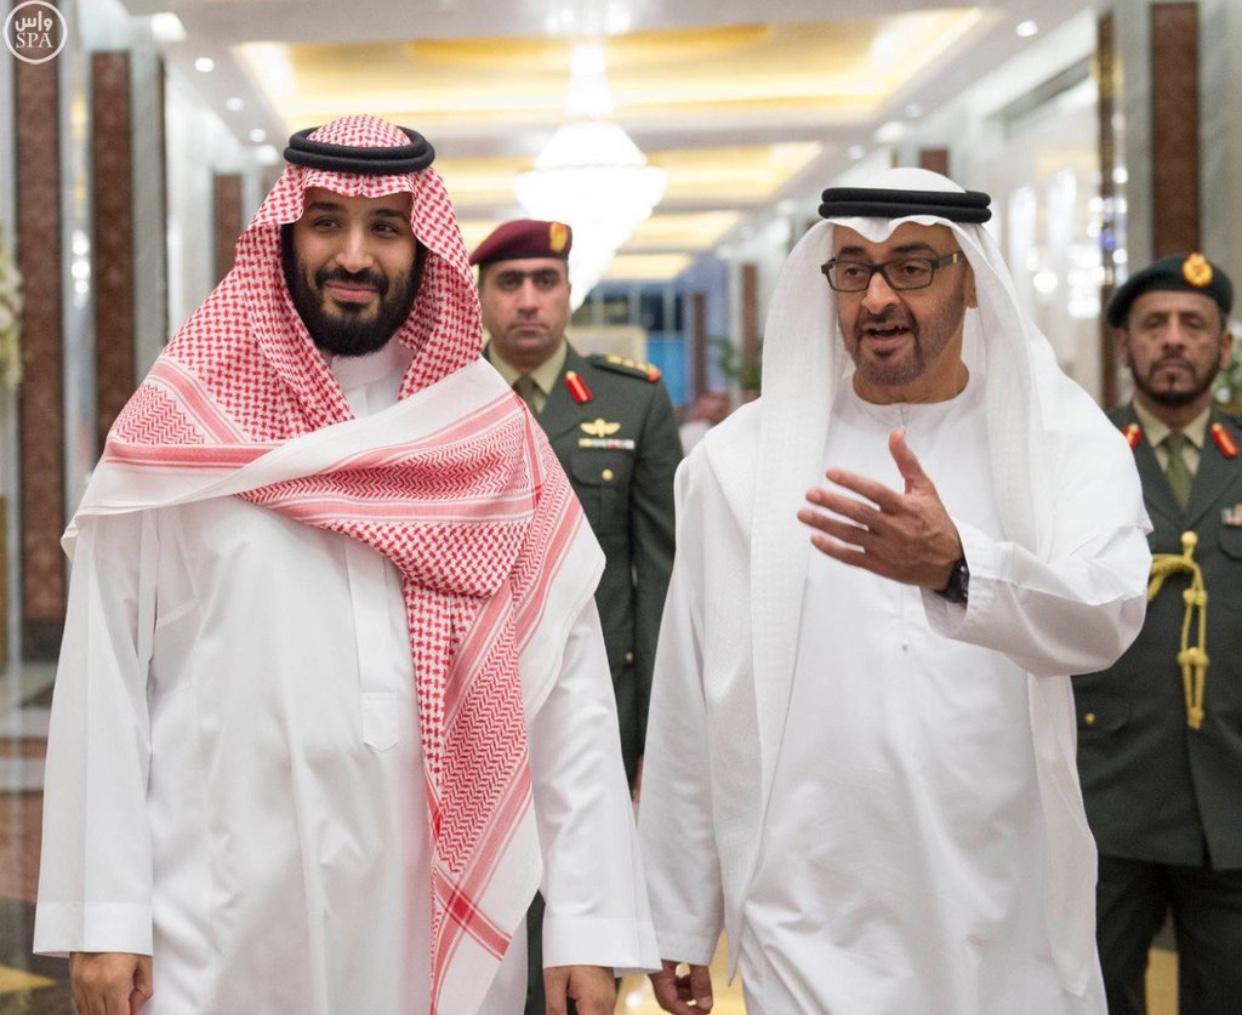 معارض سعودي يربط بين اعتقال نخب من بلده وانتقادهم للإمارات